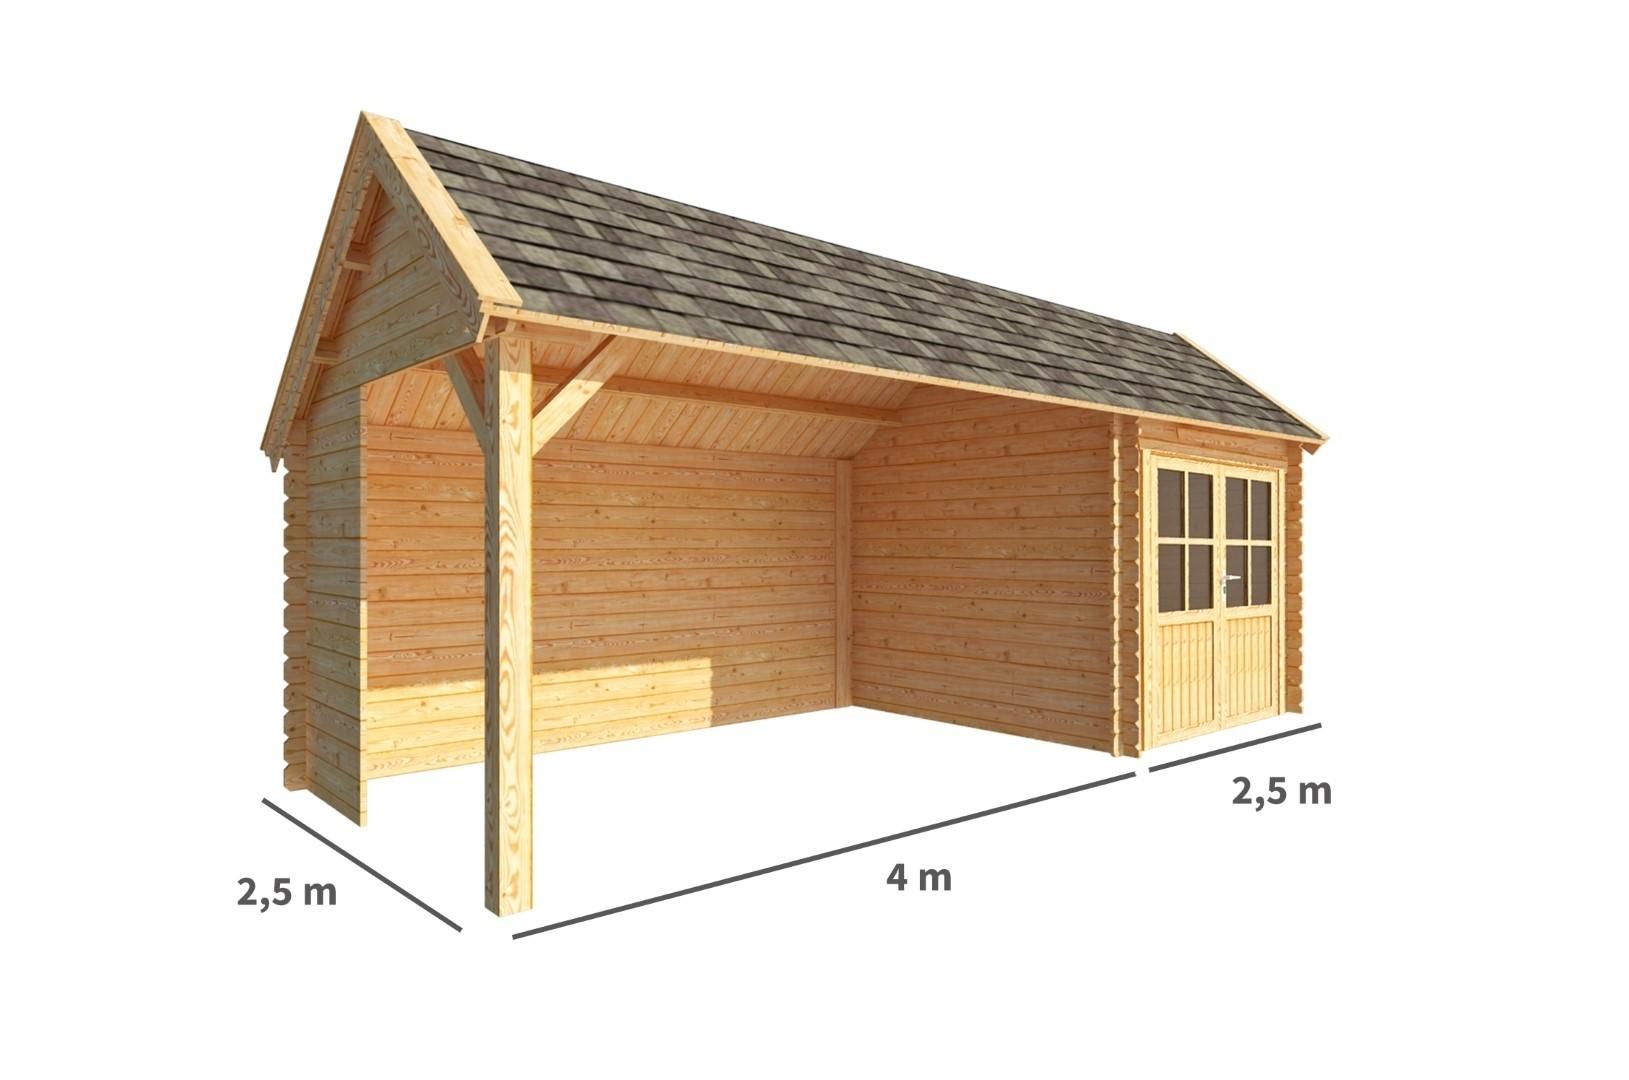 Blokhut met overkapping Michelle 650 cm bij 250 cm diep Kapschuurdak